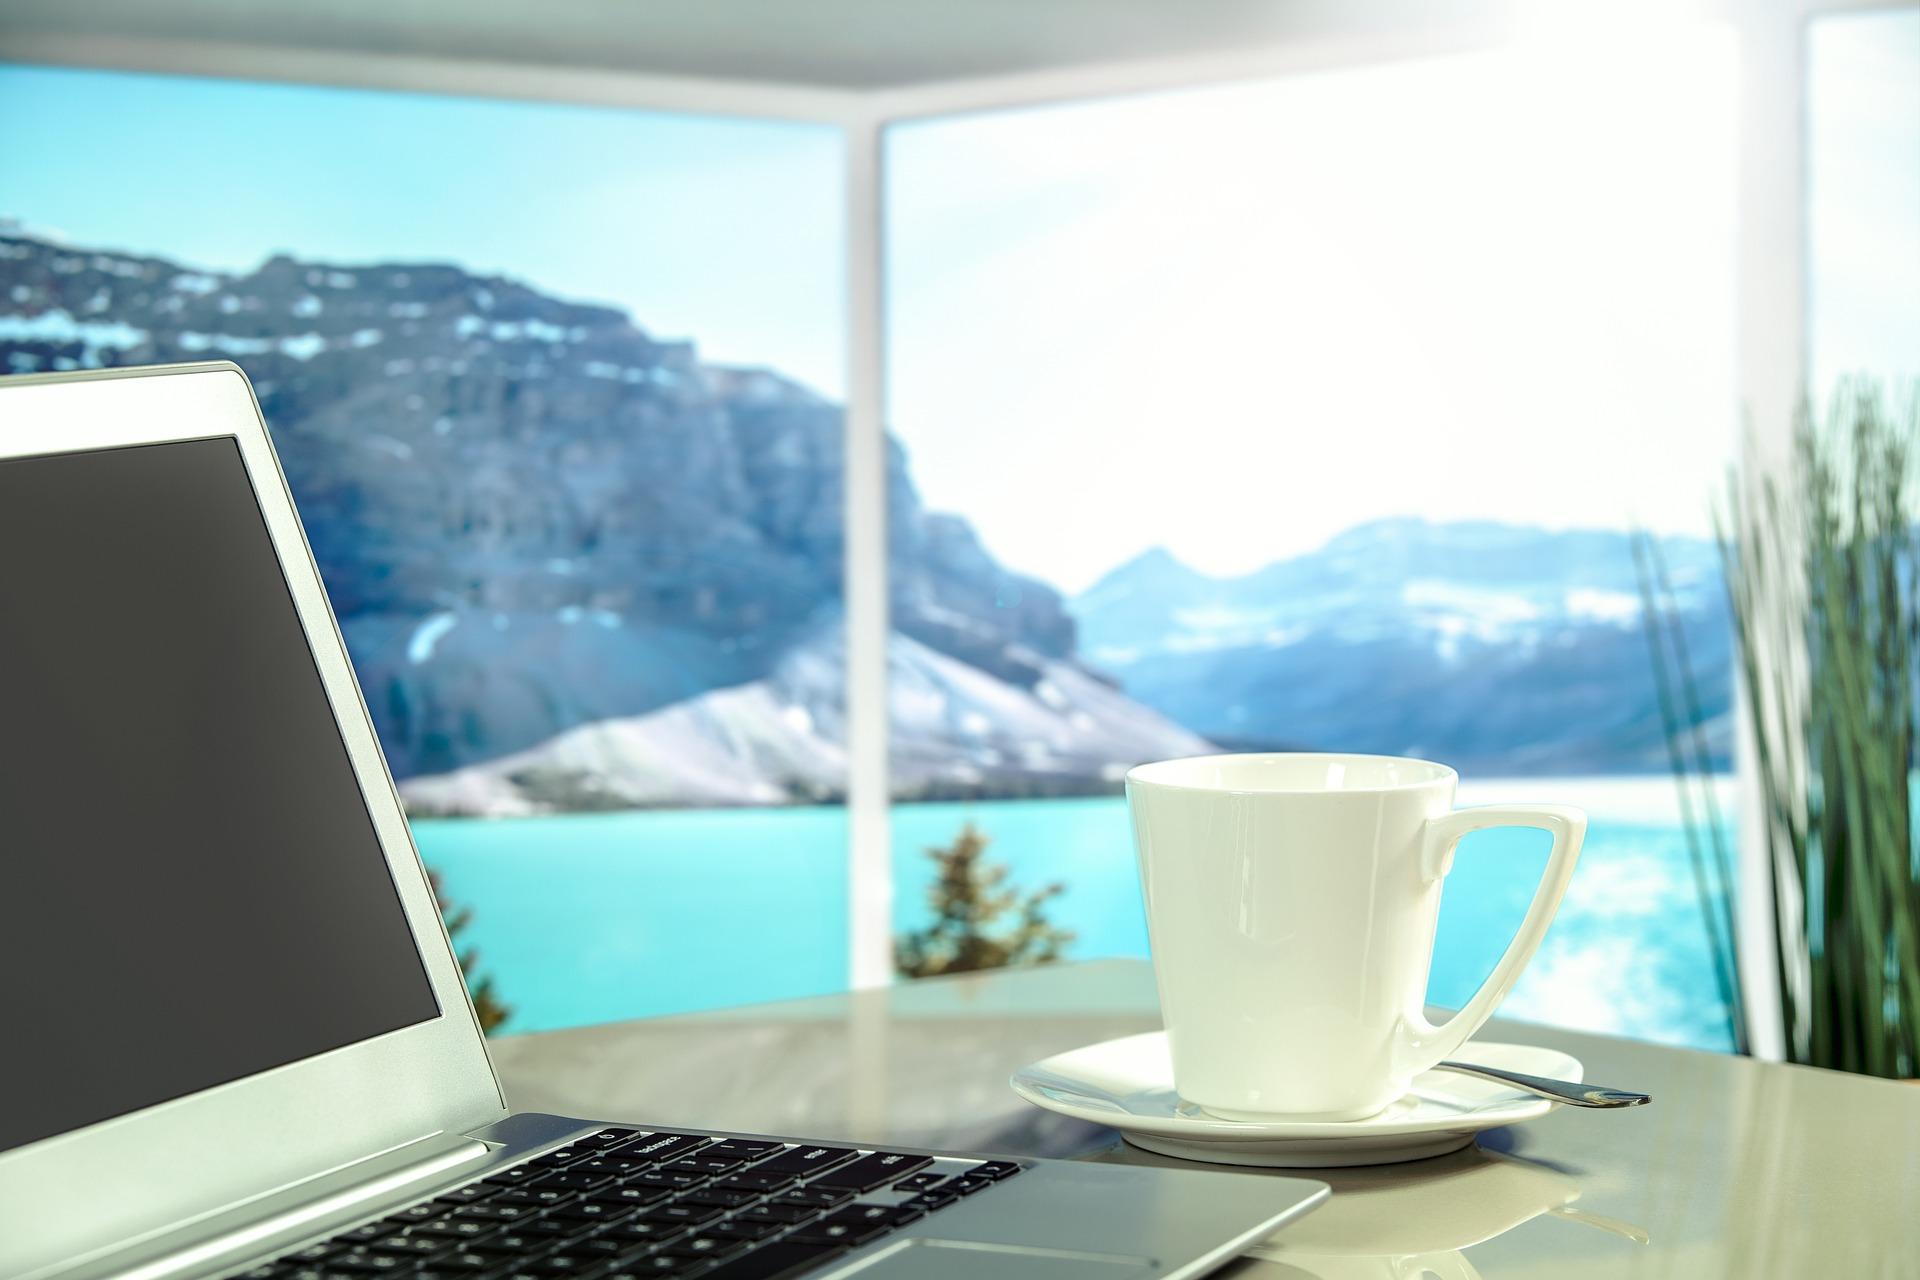 Comment bien choisir son hôtel sur internet ?